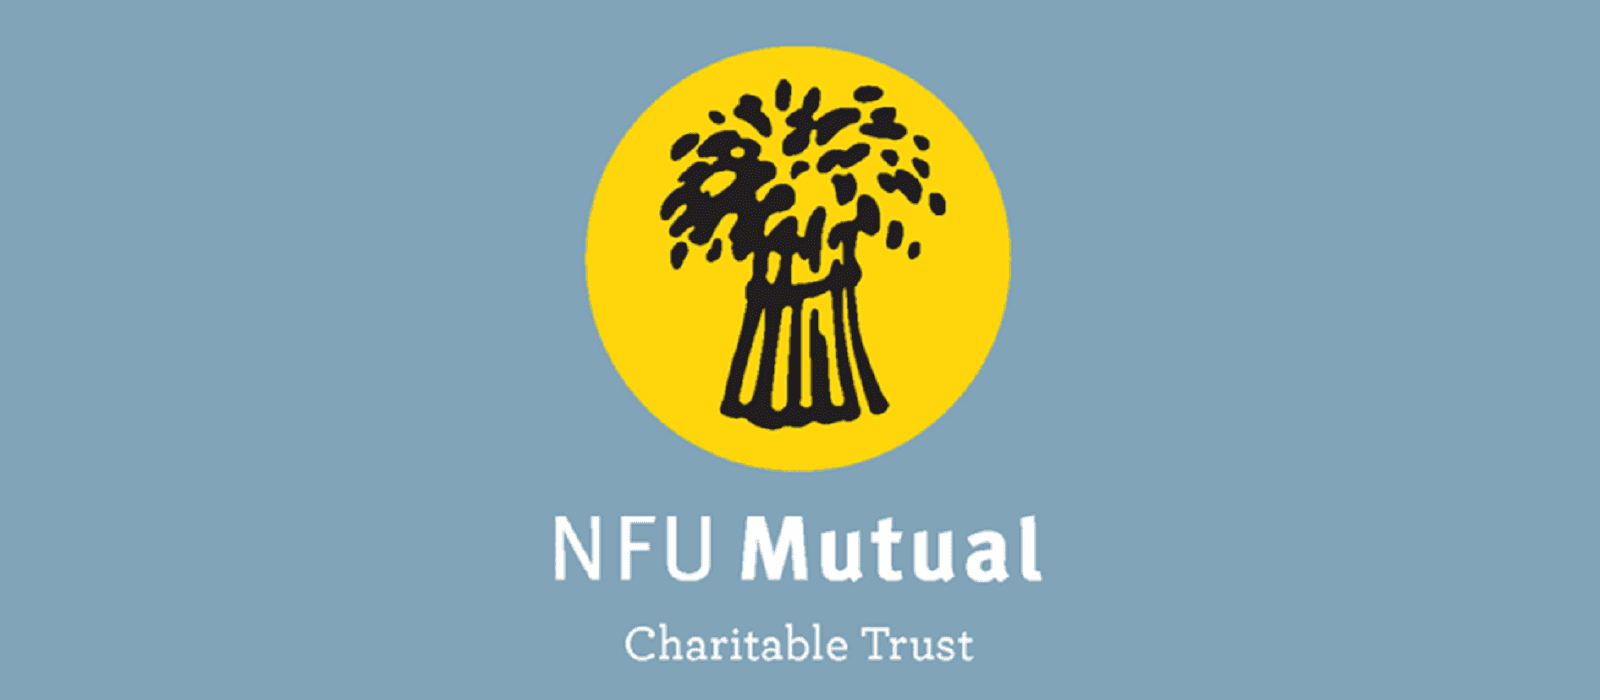 nfum charity